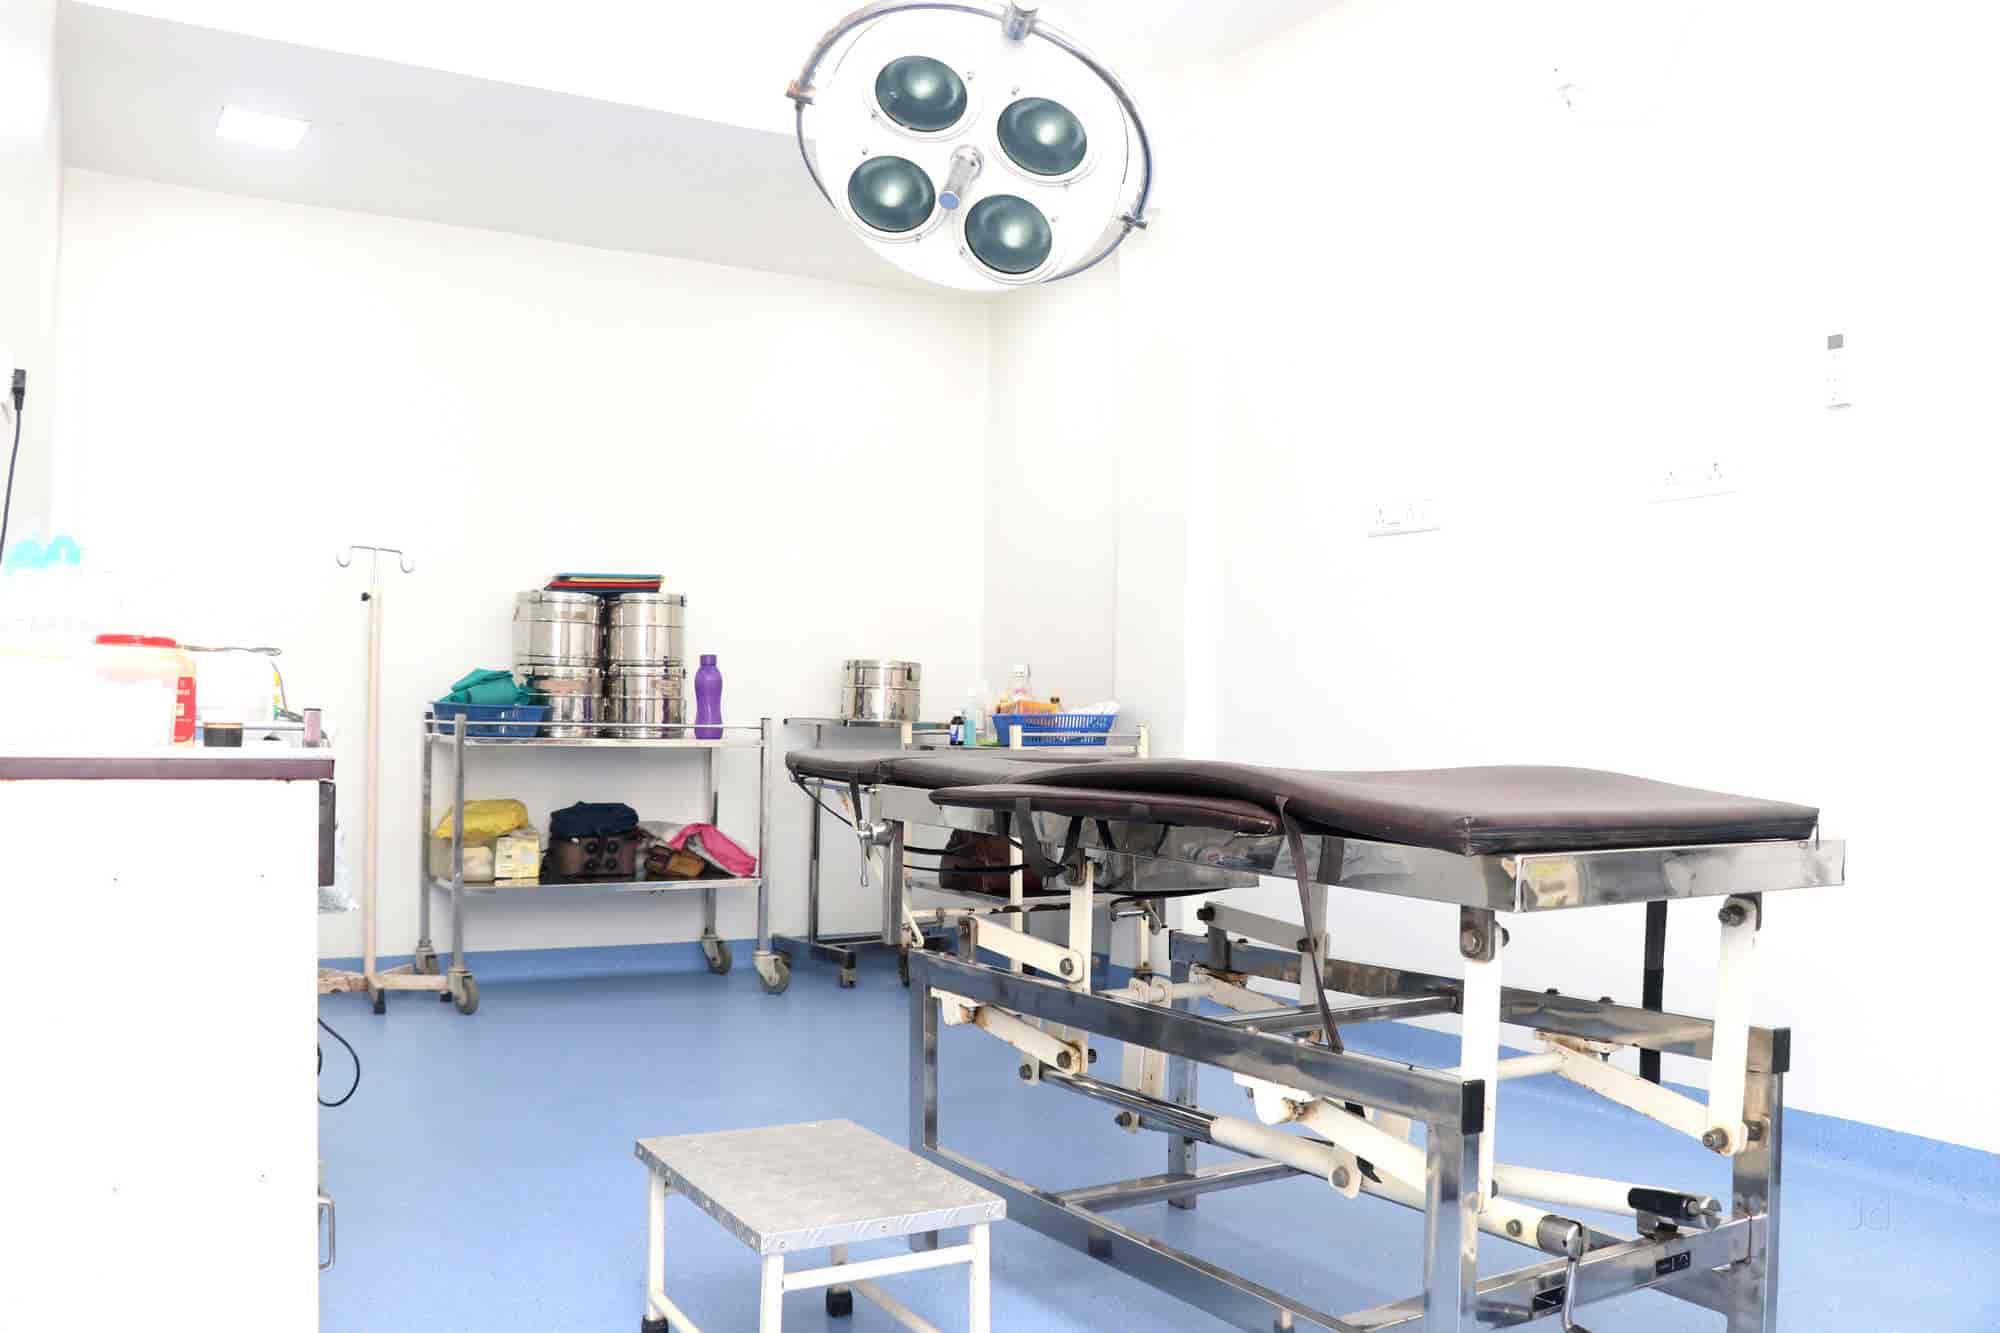 Sai Seva Hospital & ICU, Airoli - Hospitals in Navi Mumbai, Mumbai